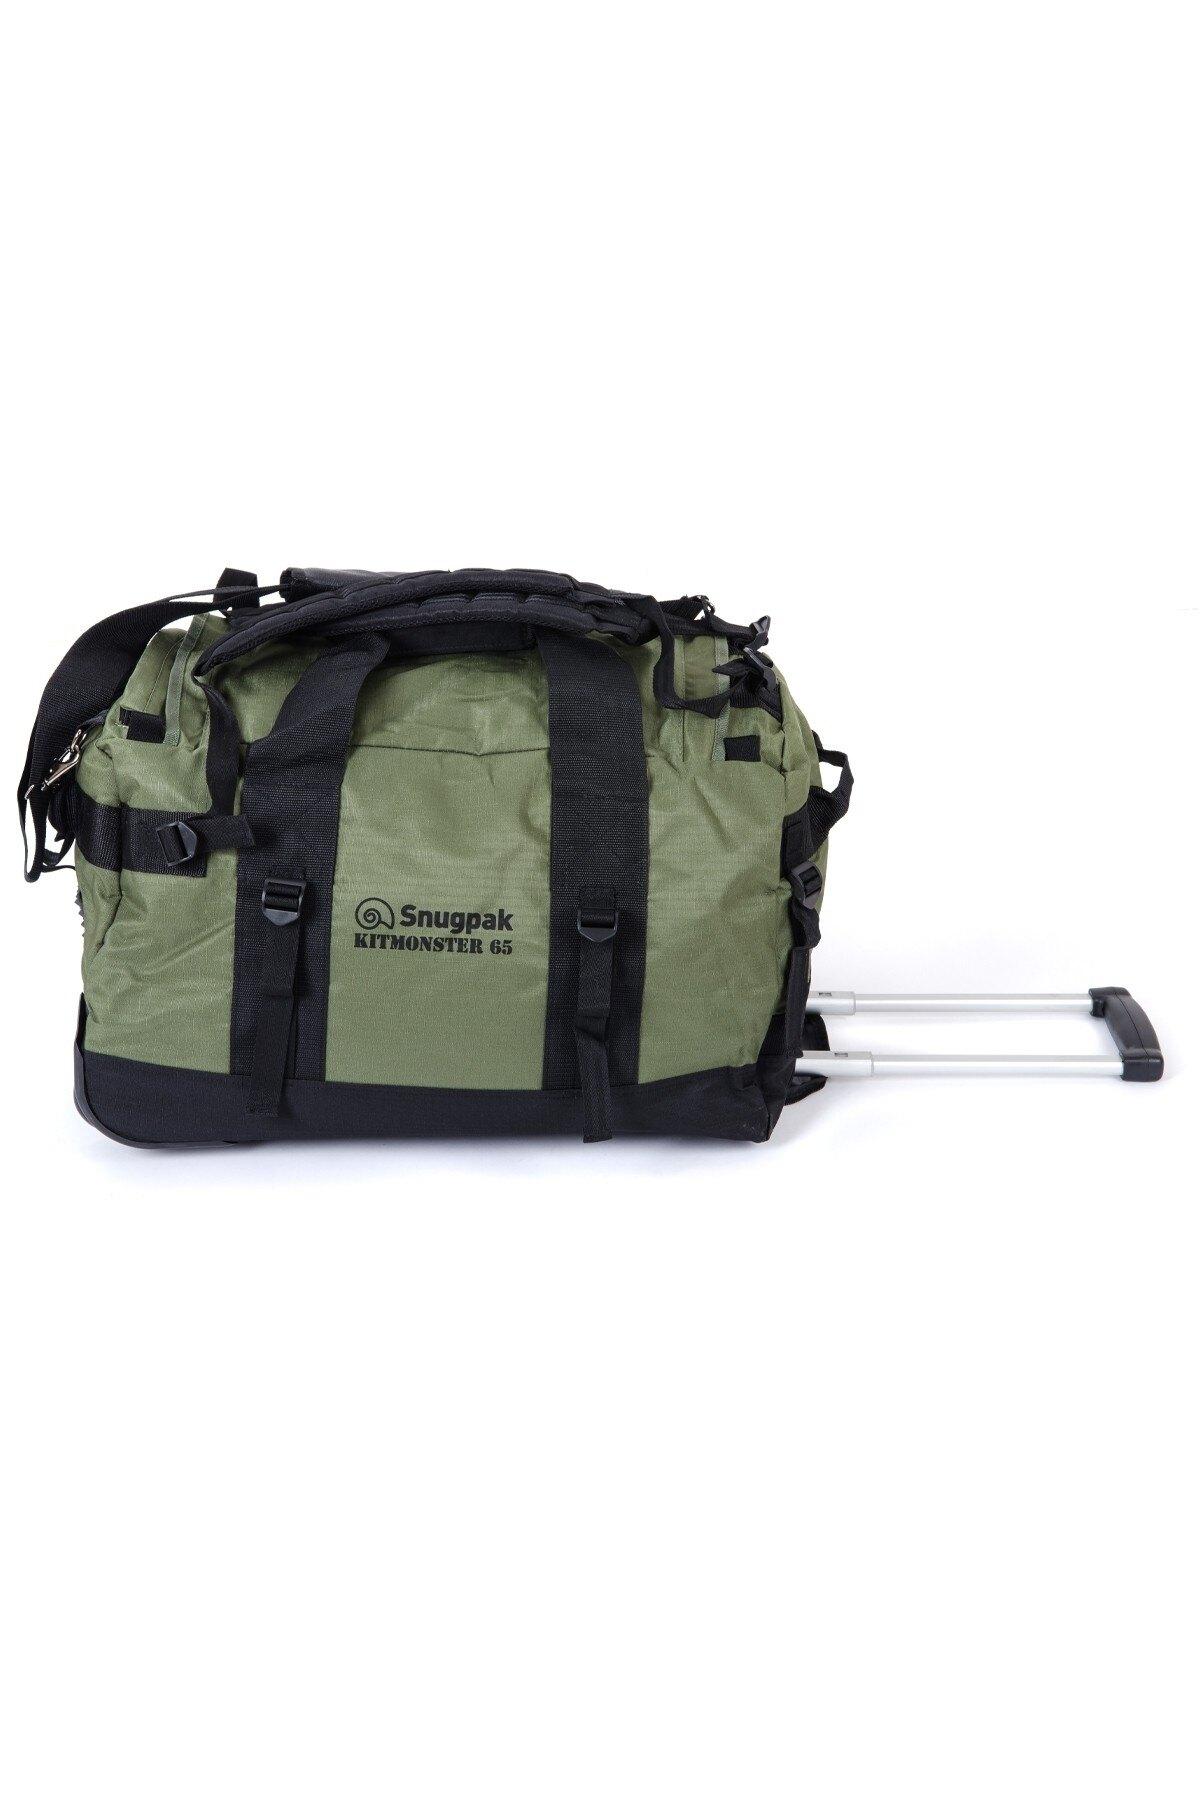 Cestovní taška Monster Roller Snugpak® 65 litrů (Farba: Olive Green )